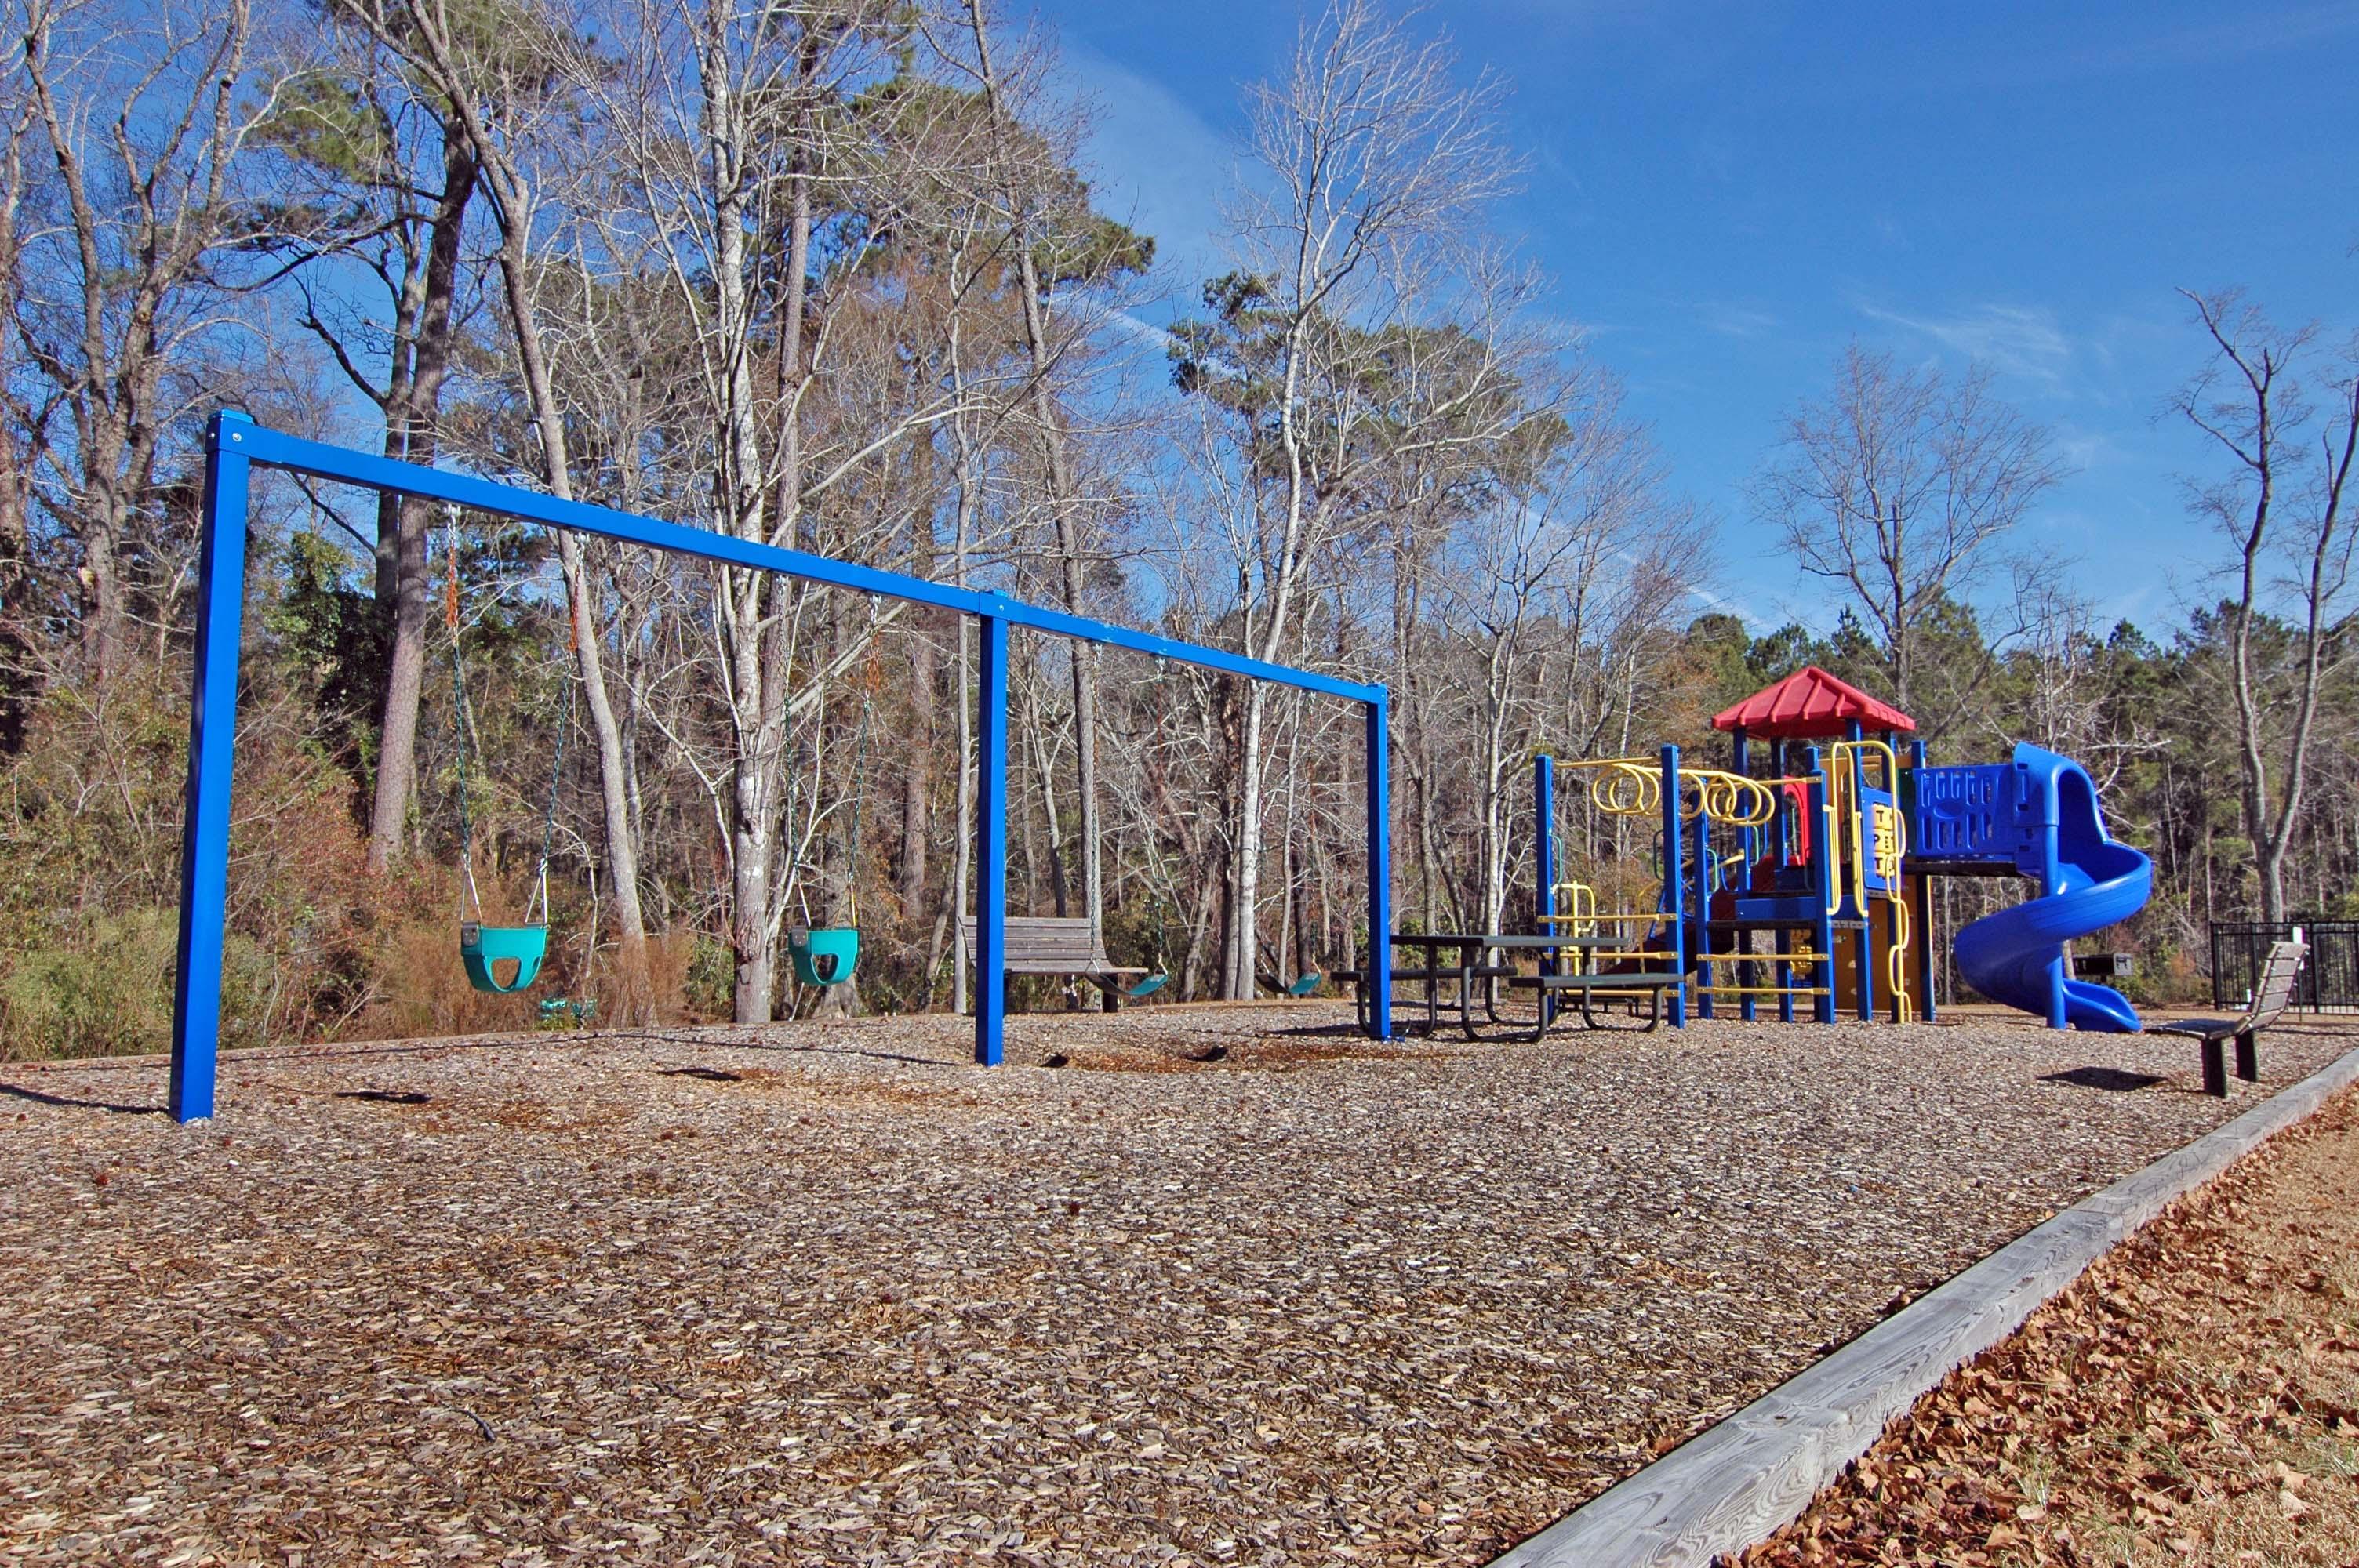 Wedgewood, Leland playground